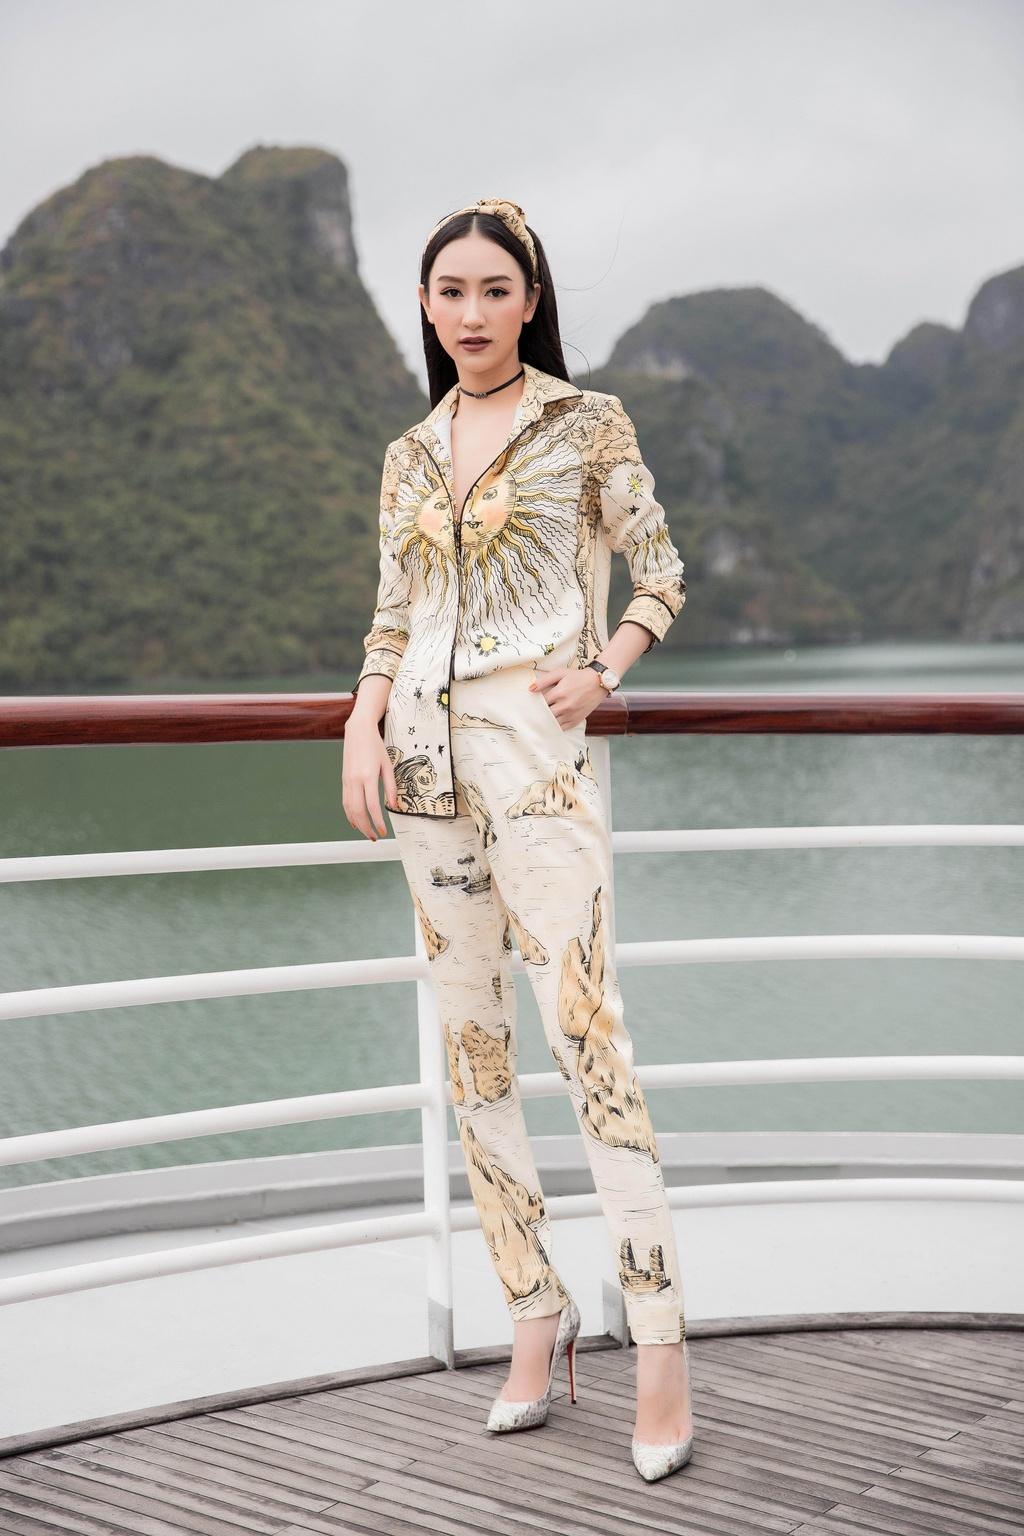 Nha Phuong cung dan sao nu xuat hien xinh xan tai show thoi trang hinh anh 8